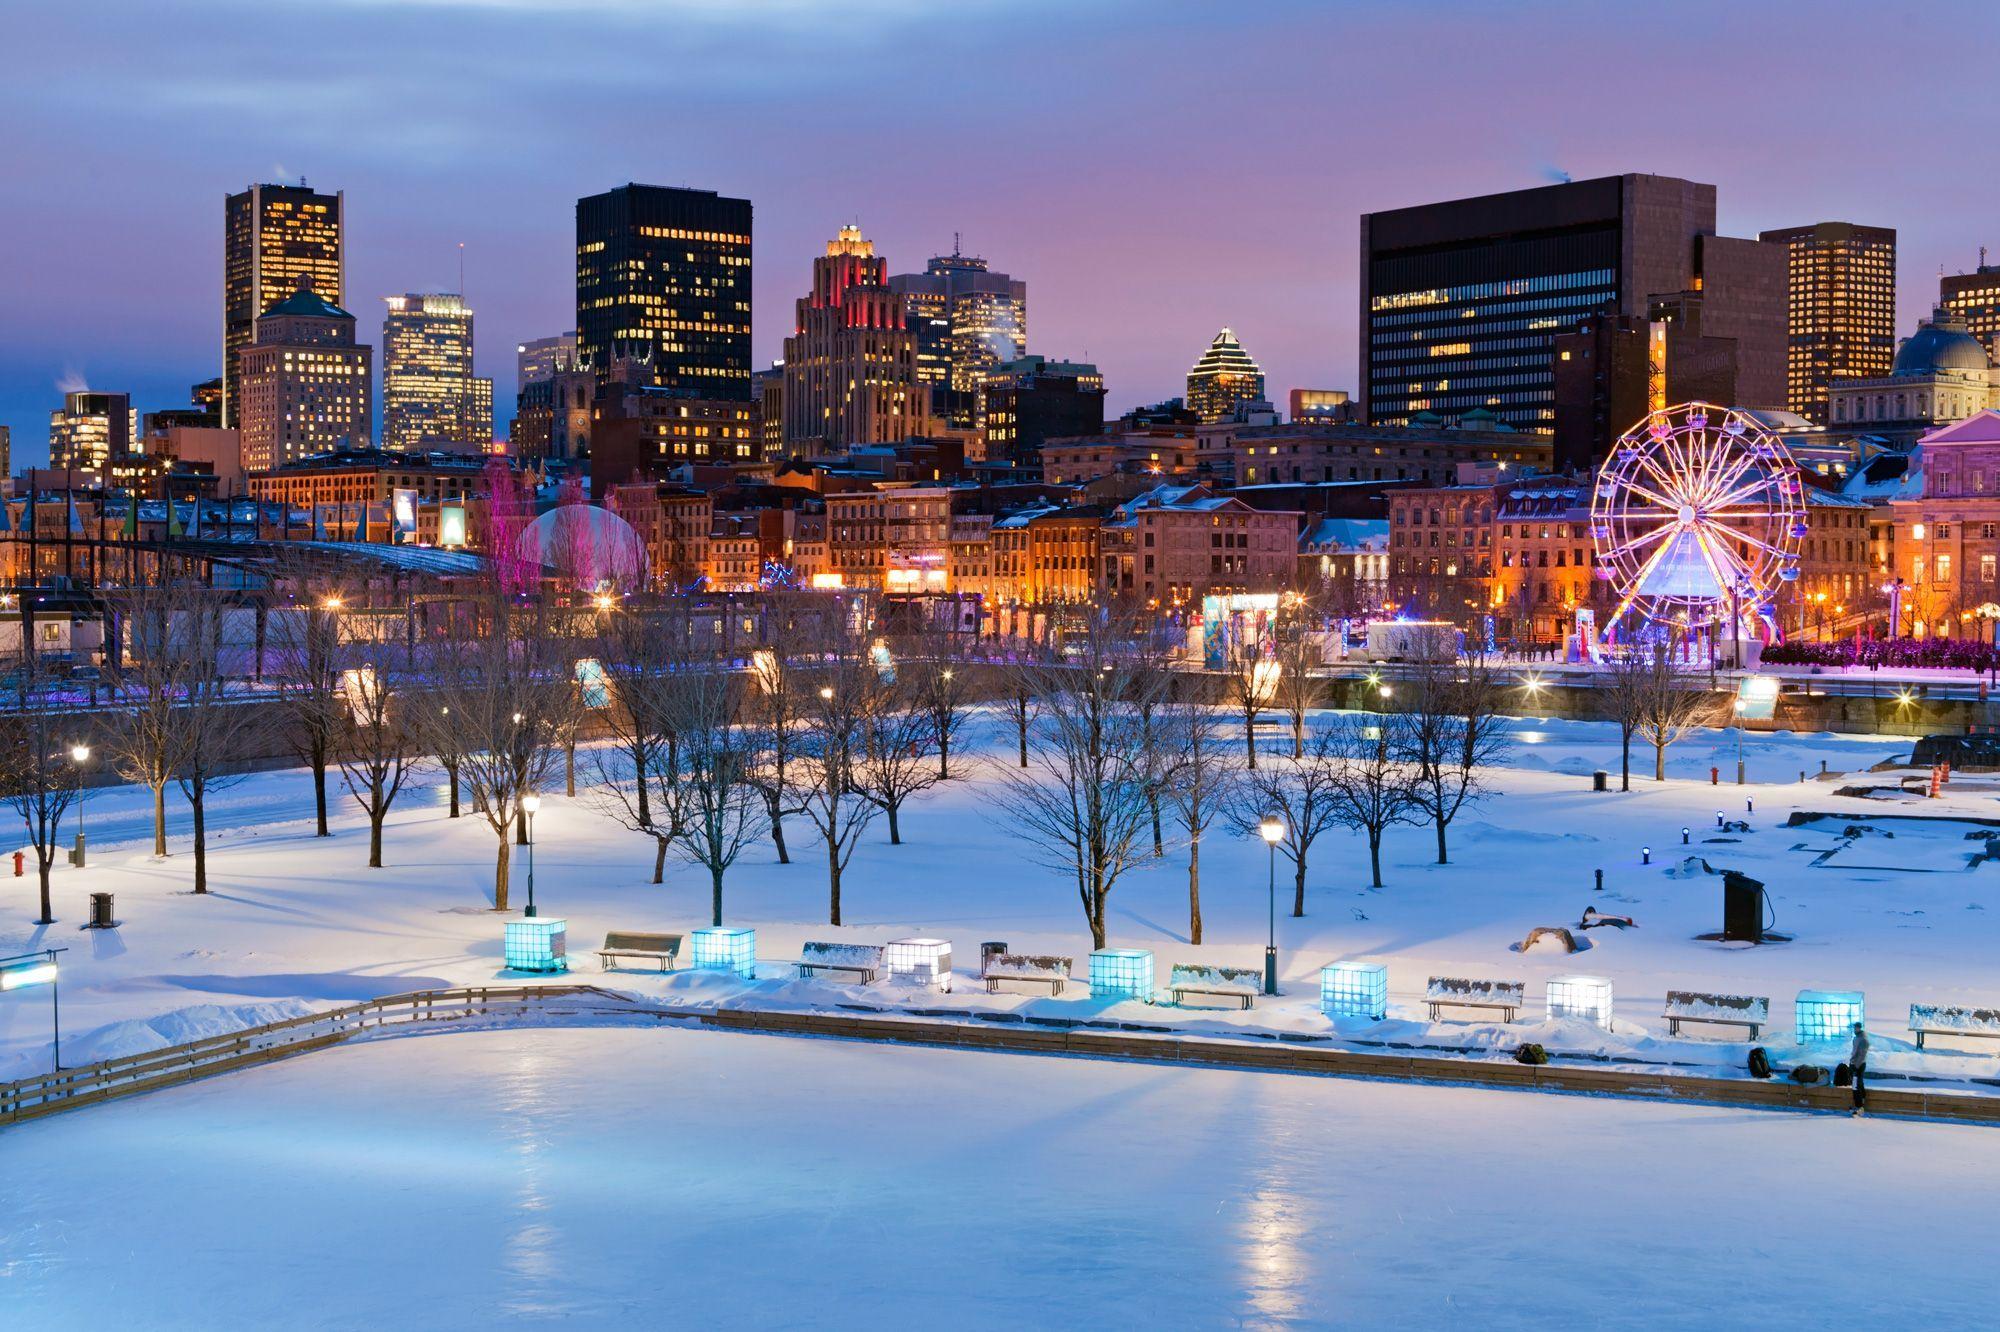 Quelle langue parle-t-on à Montreal ?